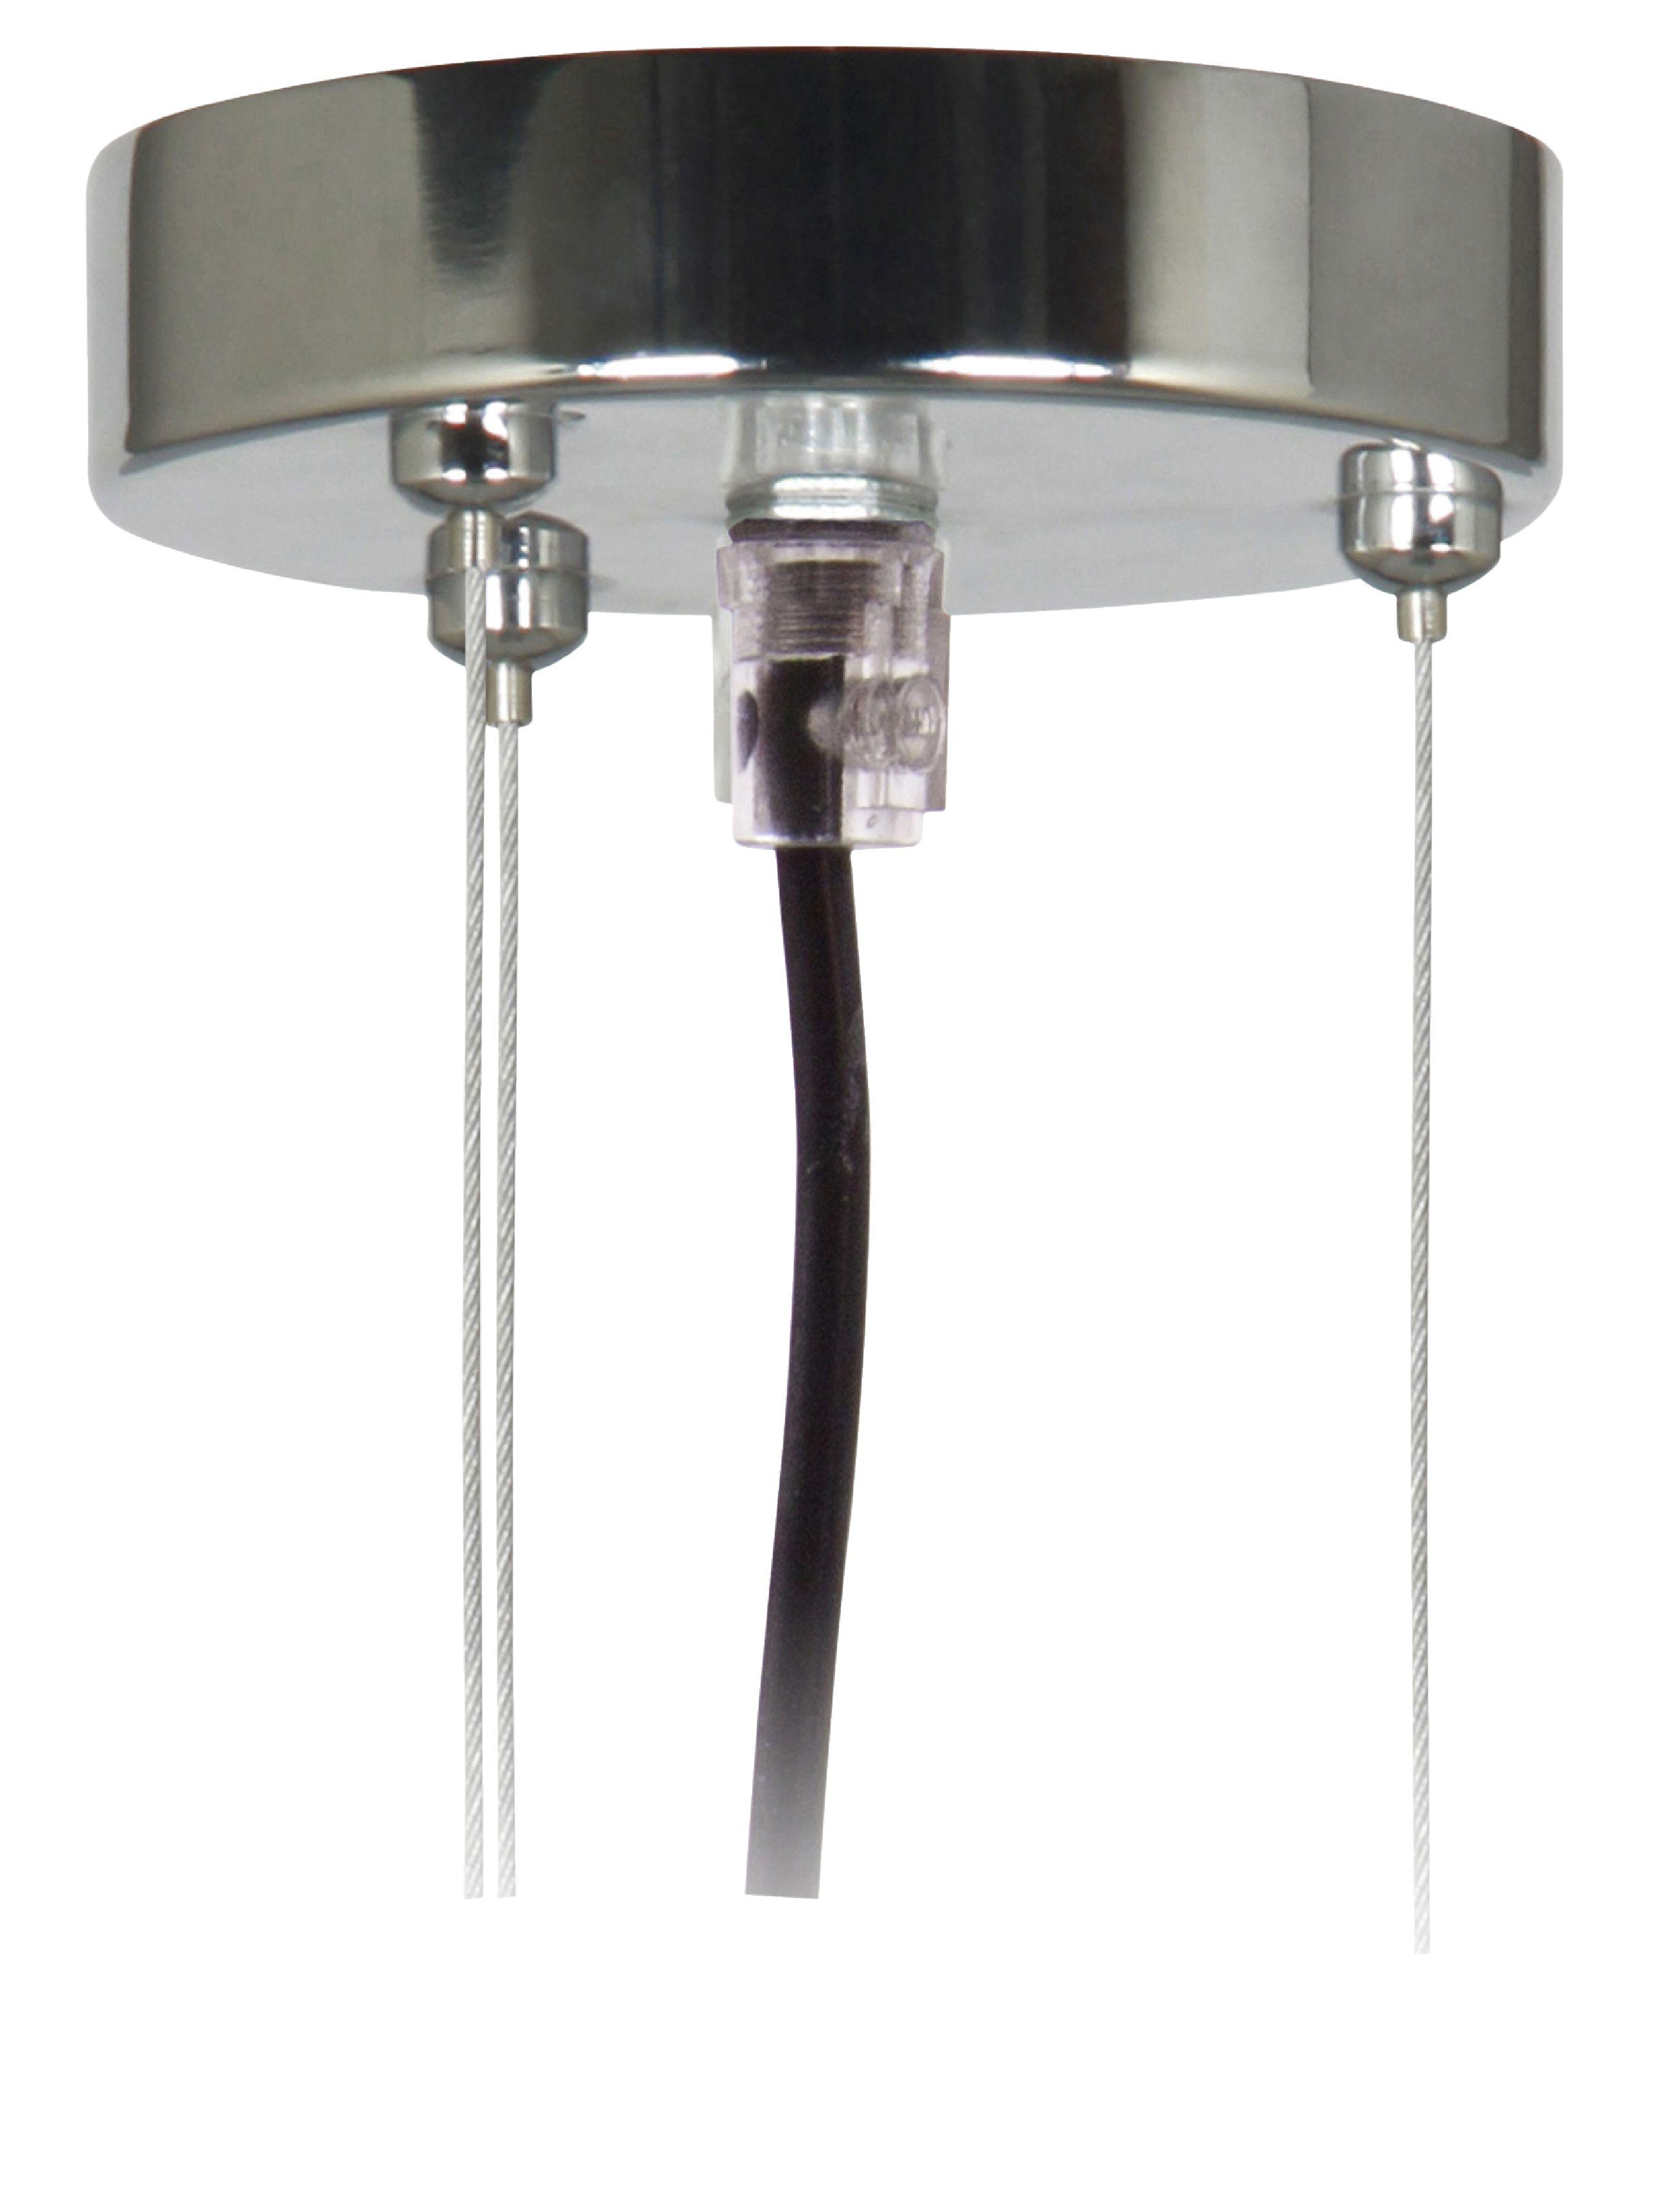 Závěsná sada RA-1000571 pro svítidla Ranex Mia